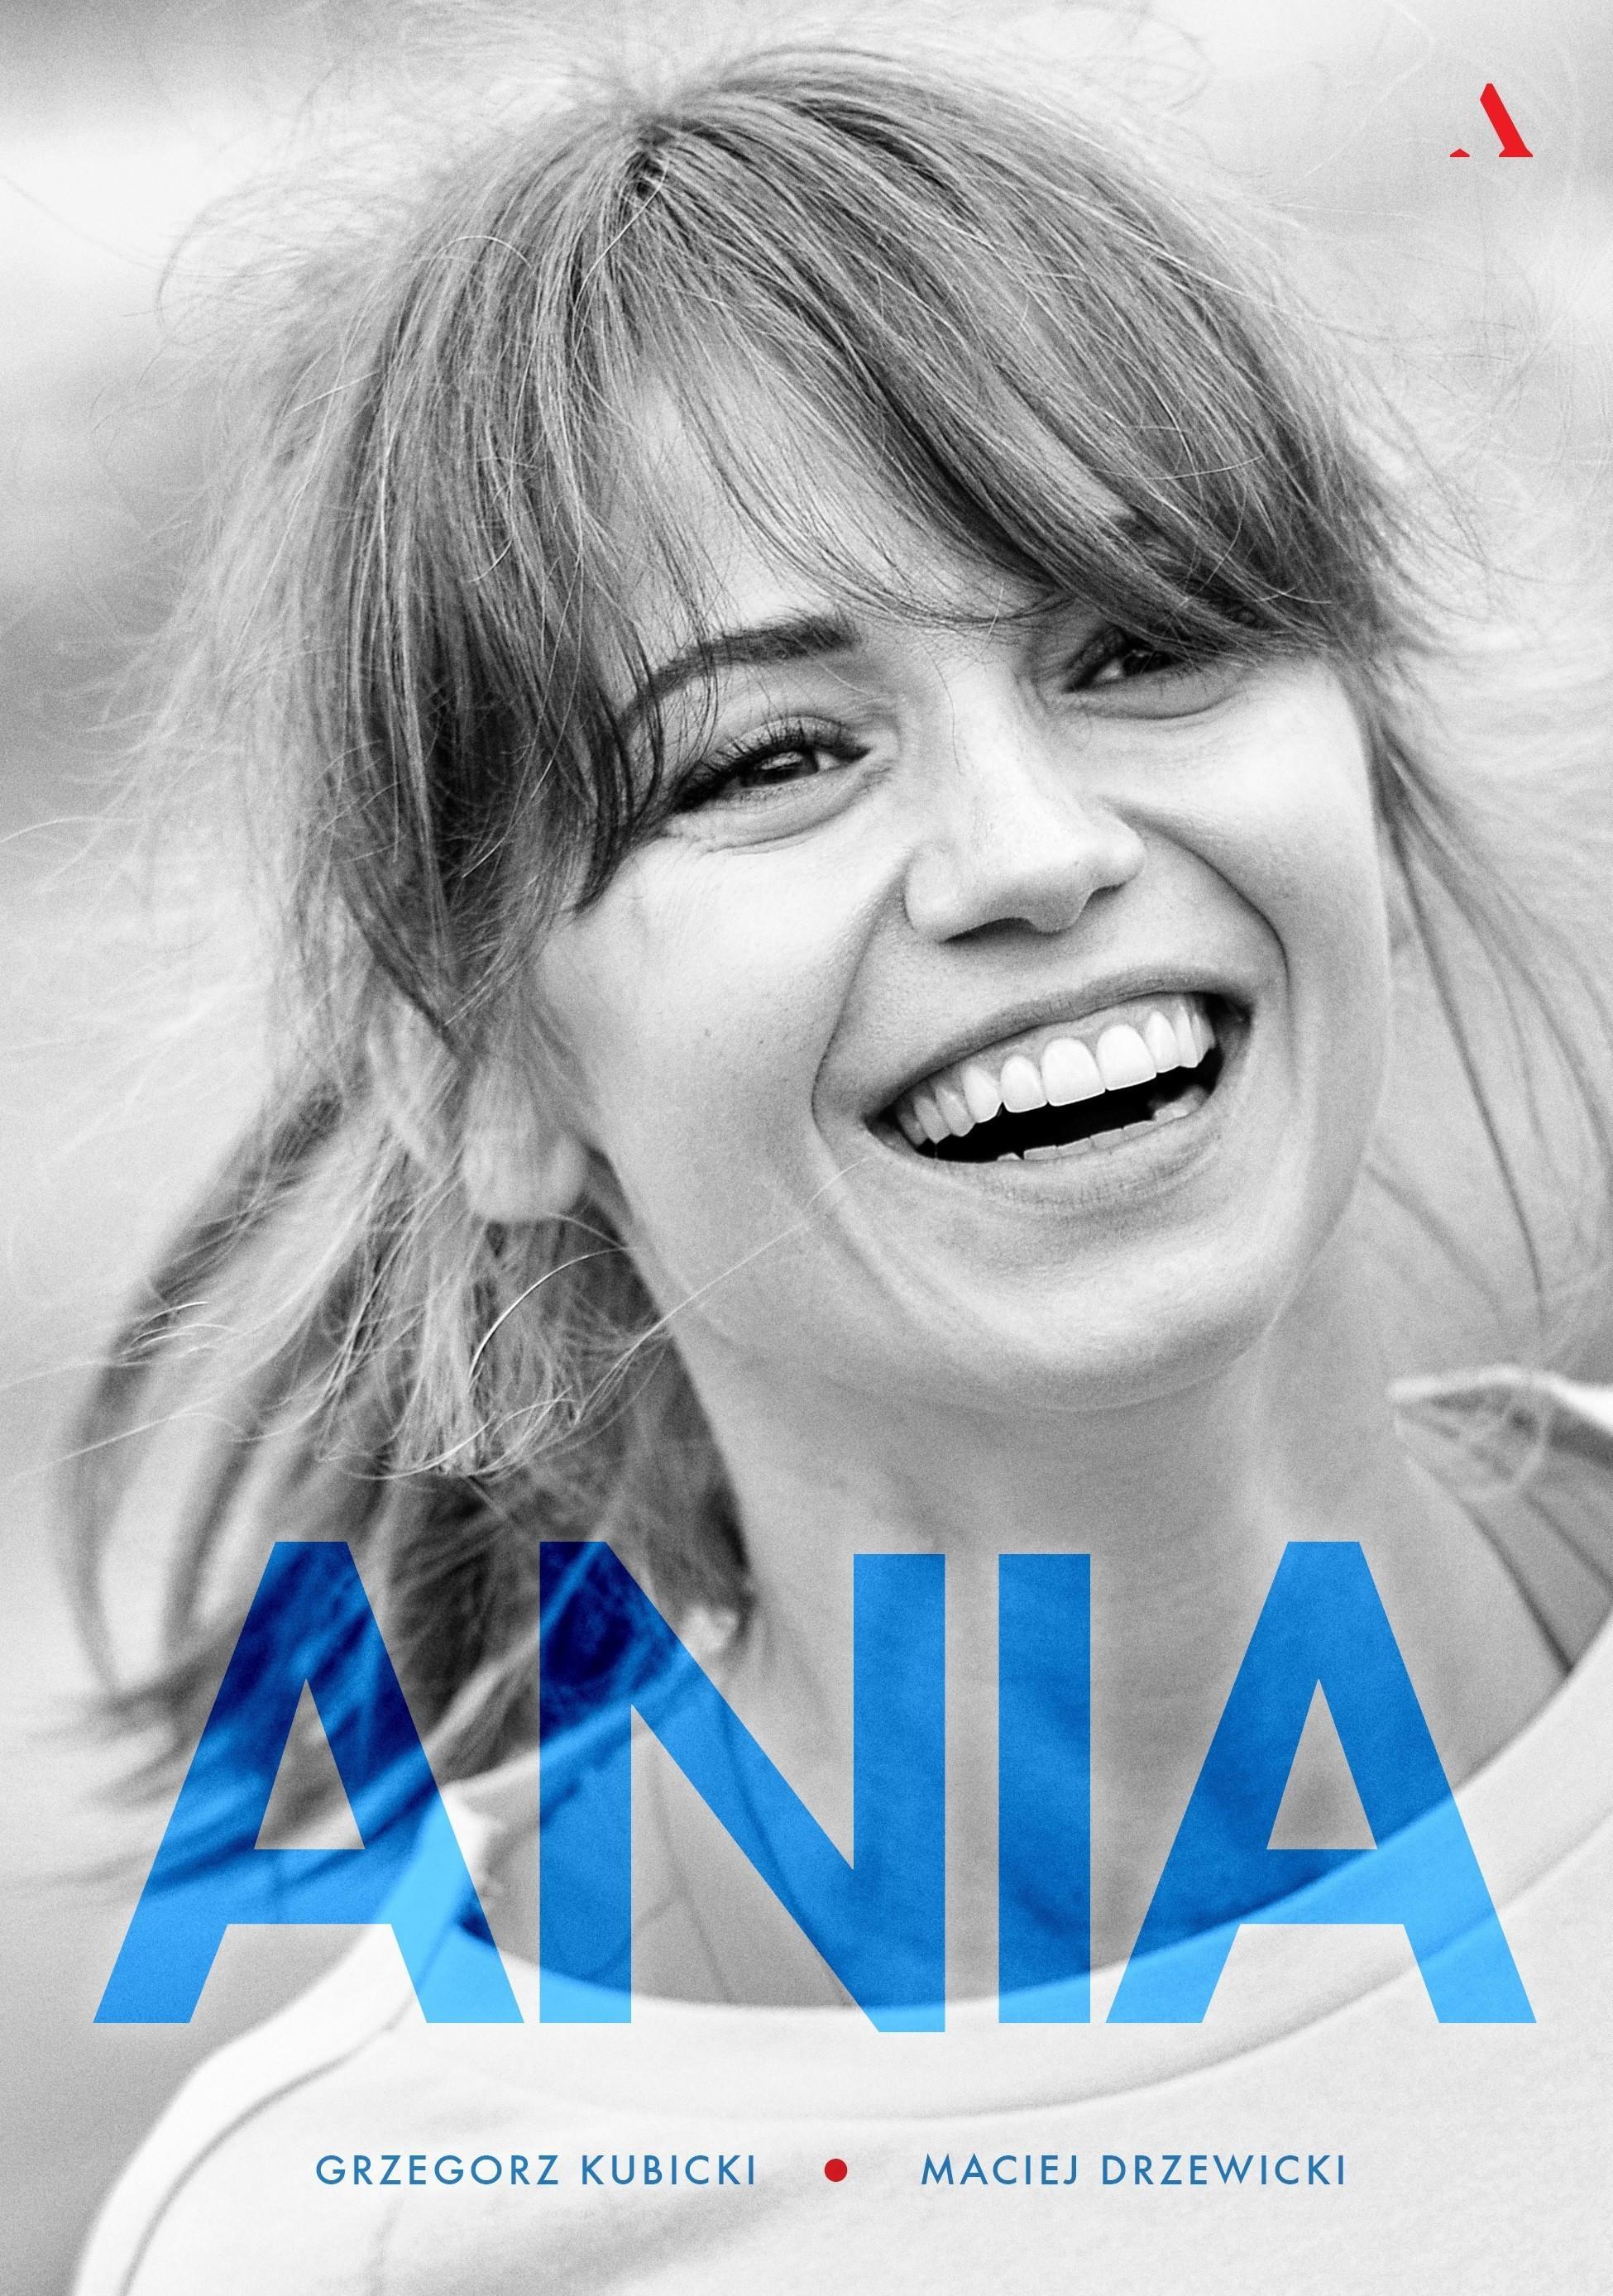 Ania Biografia Anny Przybylskiej Grzegorz Kubicki Maciej Drzewicki